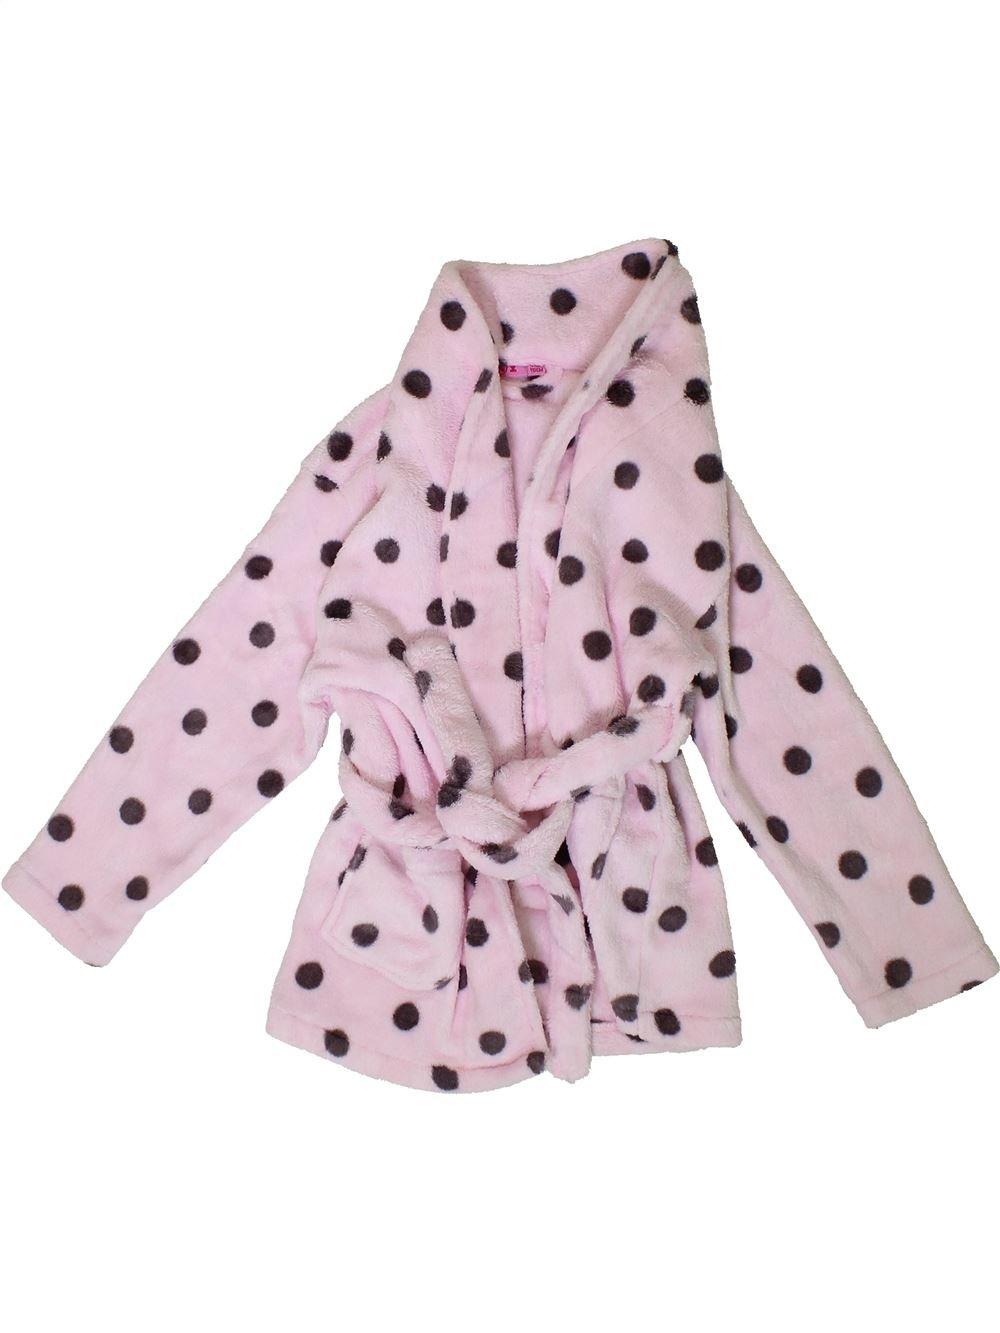 Robe De Chambre Fille Kiabi 5 Ans Pas Cher 7 39 1368052